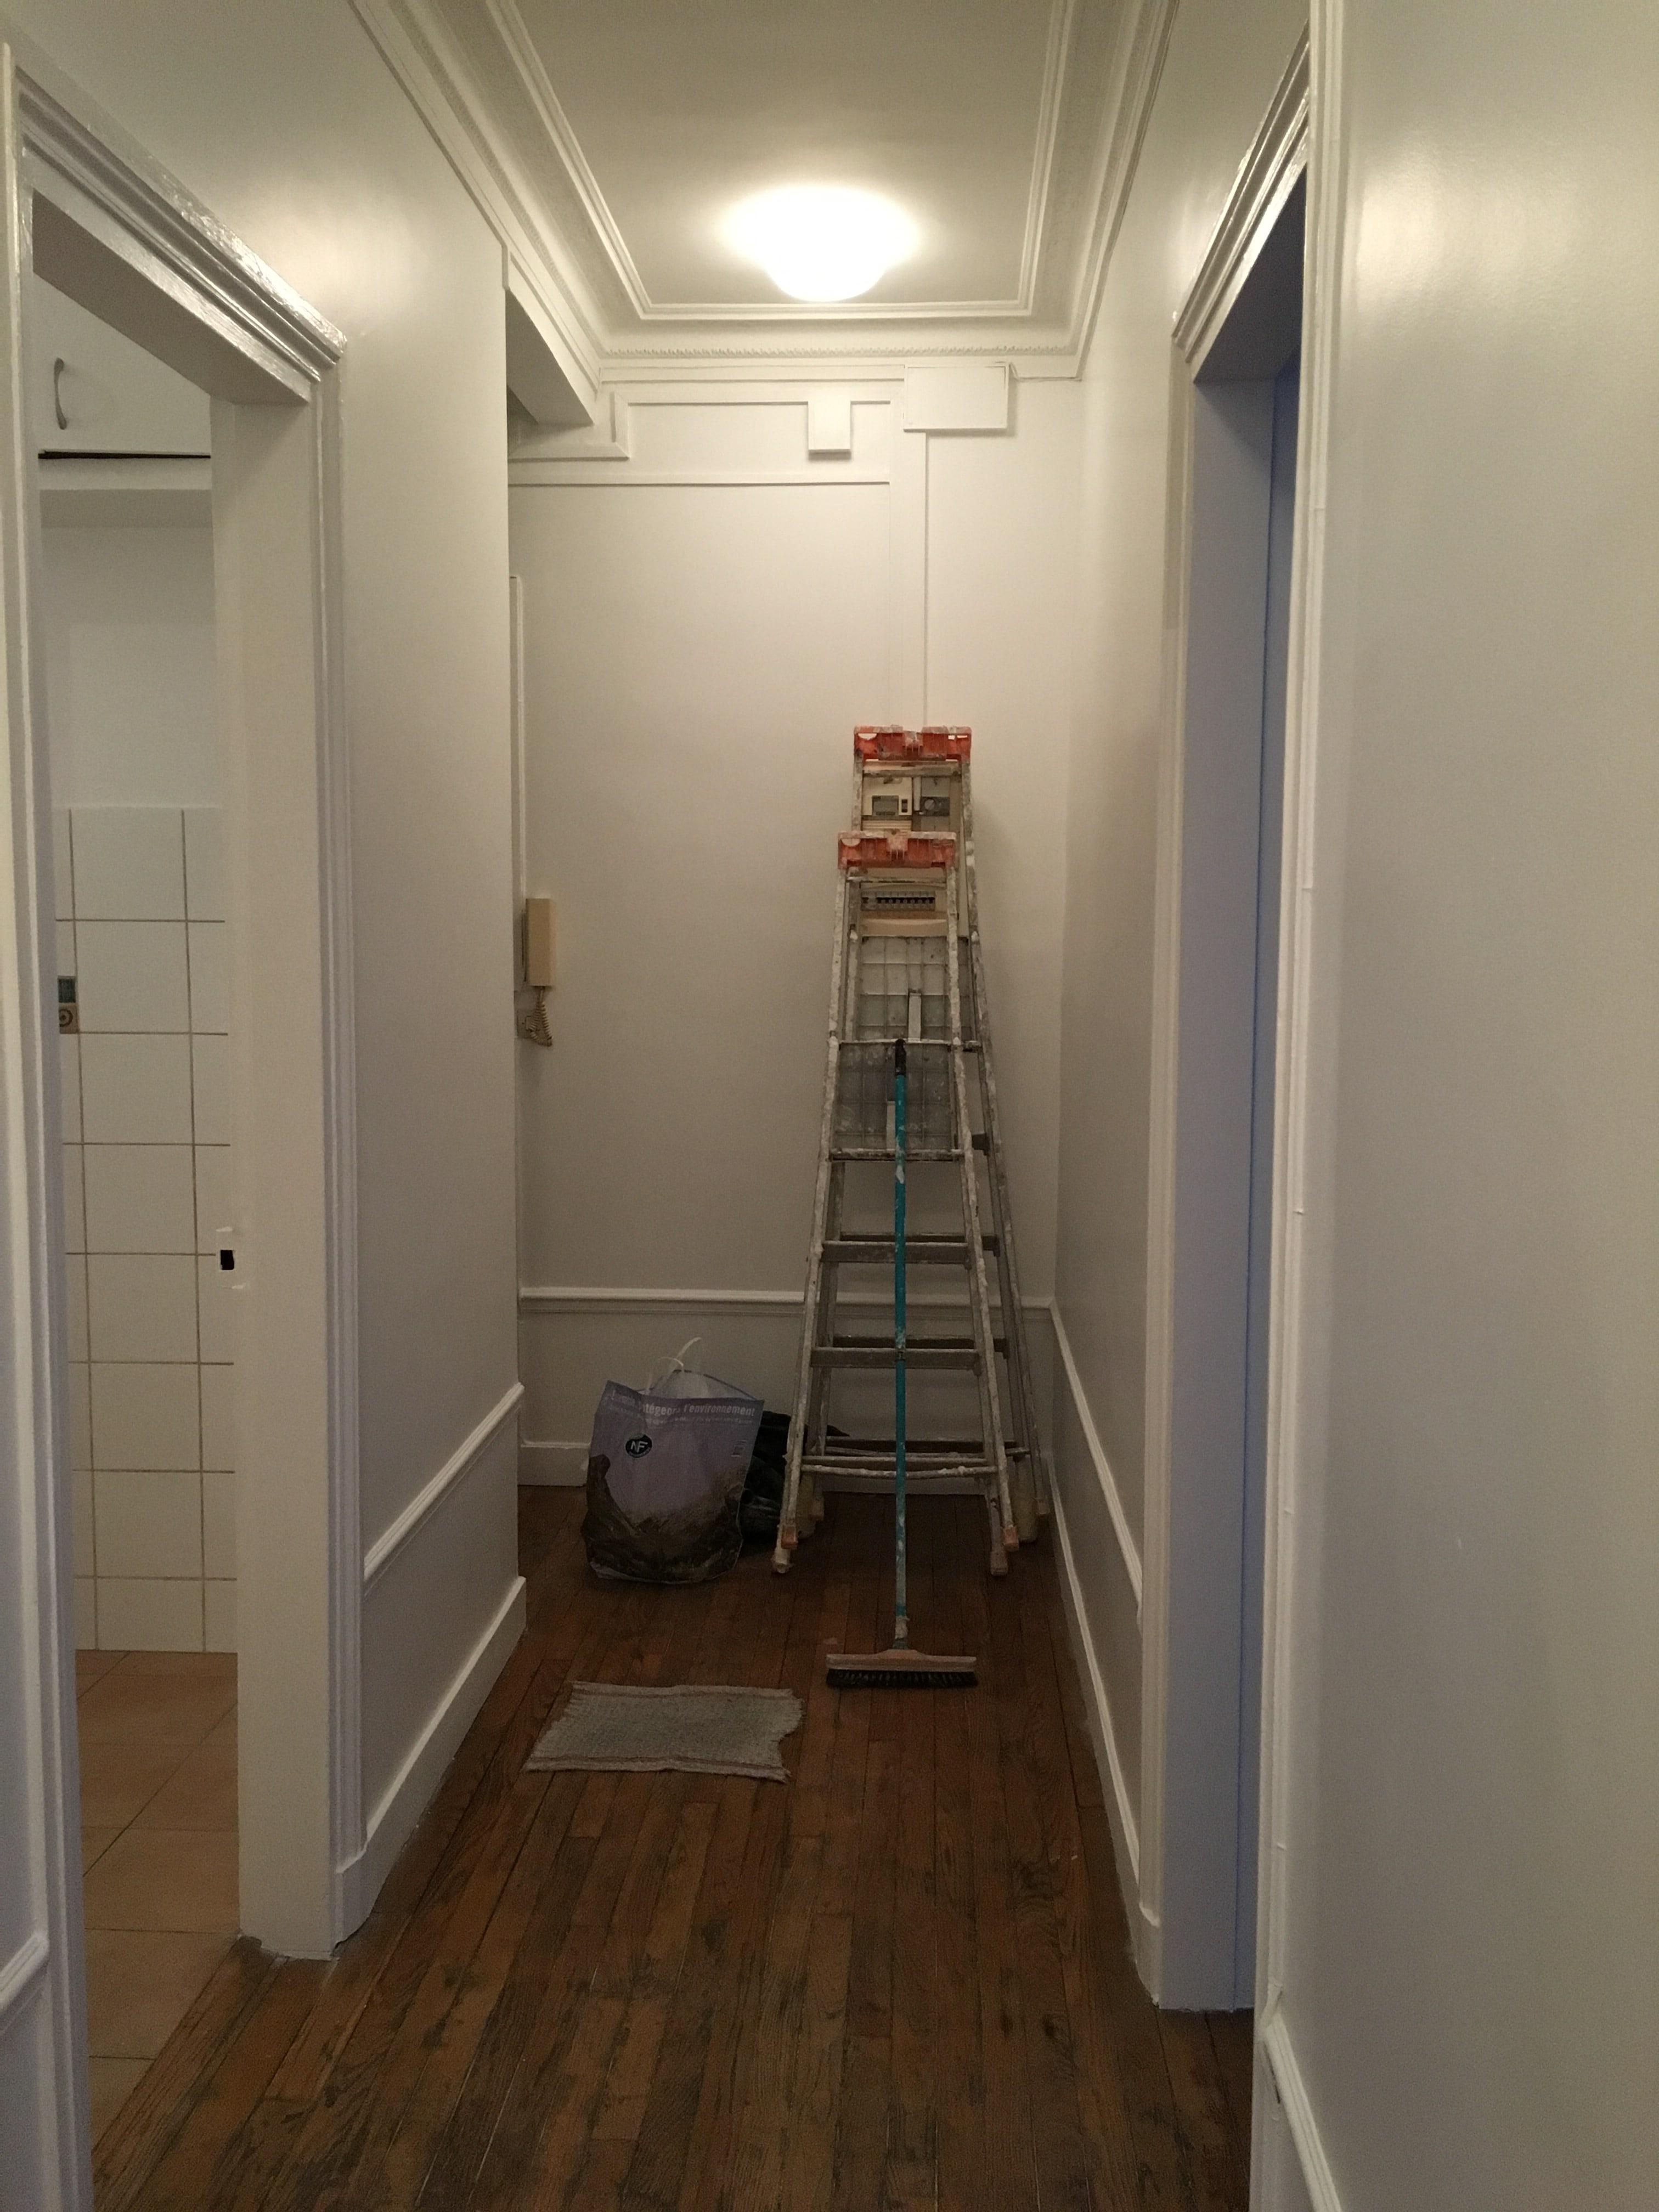 couloir 3-texas-batiment-maghawry-peinture-interieur-min